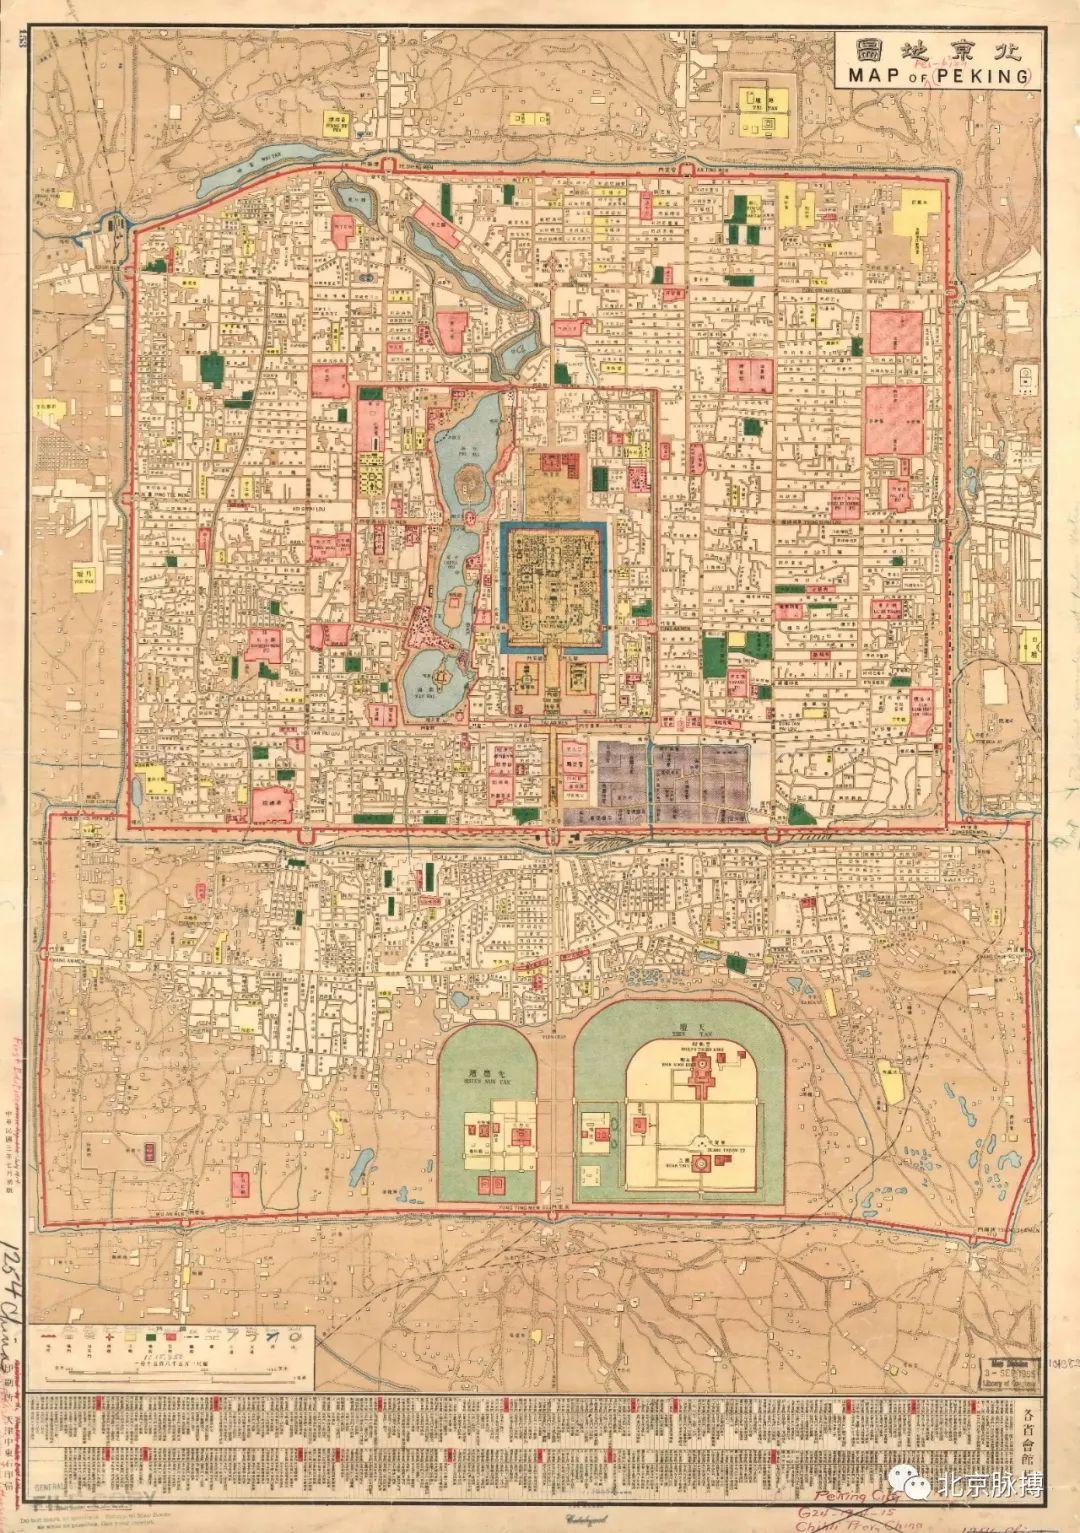 中东地图_69幅老地图,看尽北京城市历史变迁_湃客_澎湃新闻-The Paper